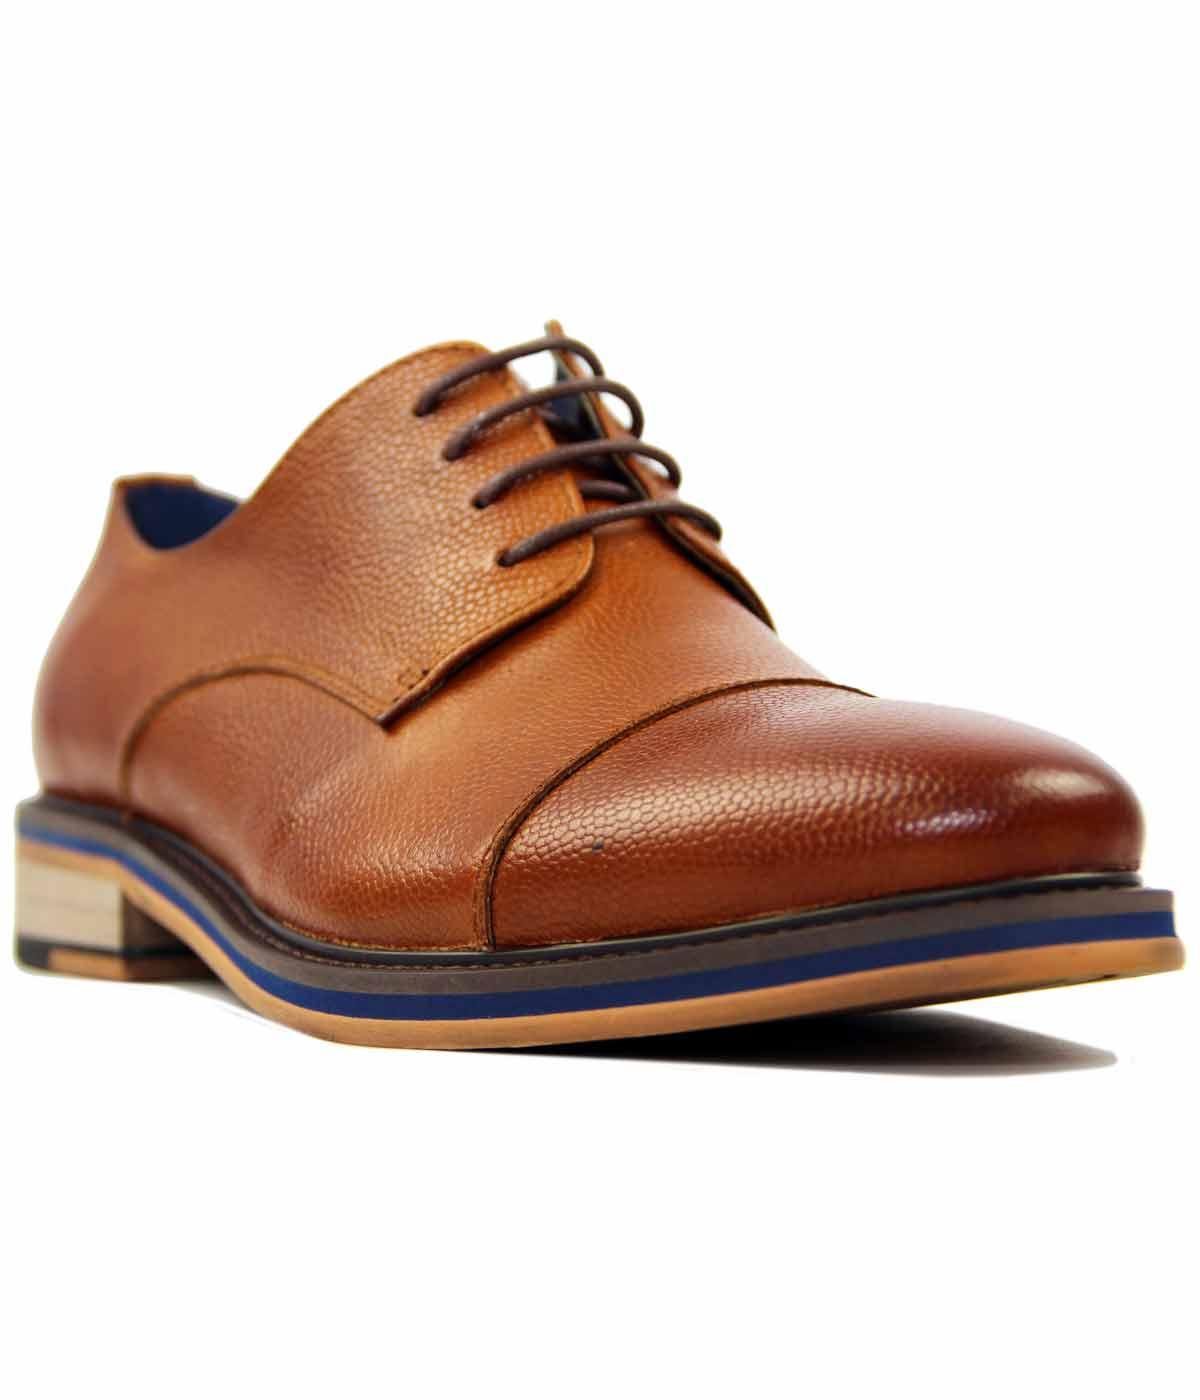 Nash PAOLO VANDINI Mod Scotch Grain Toe Cap Shoes